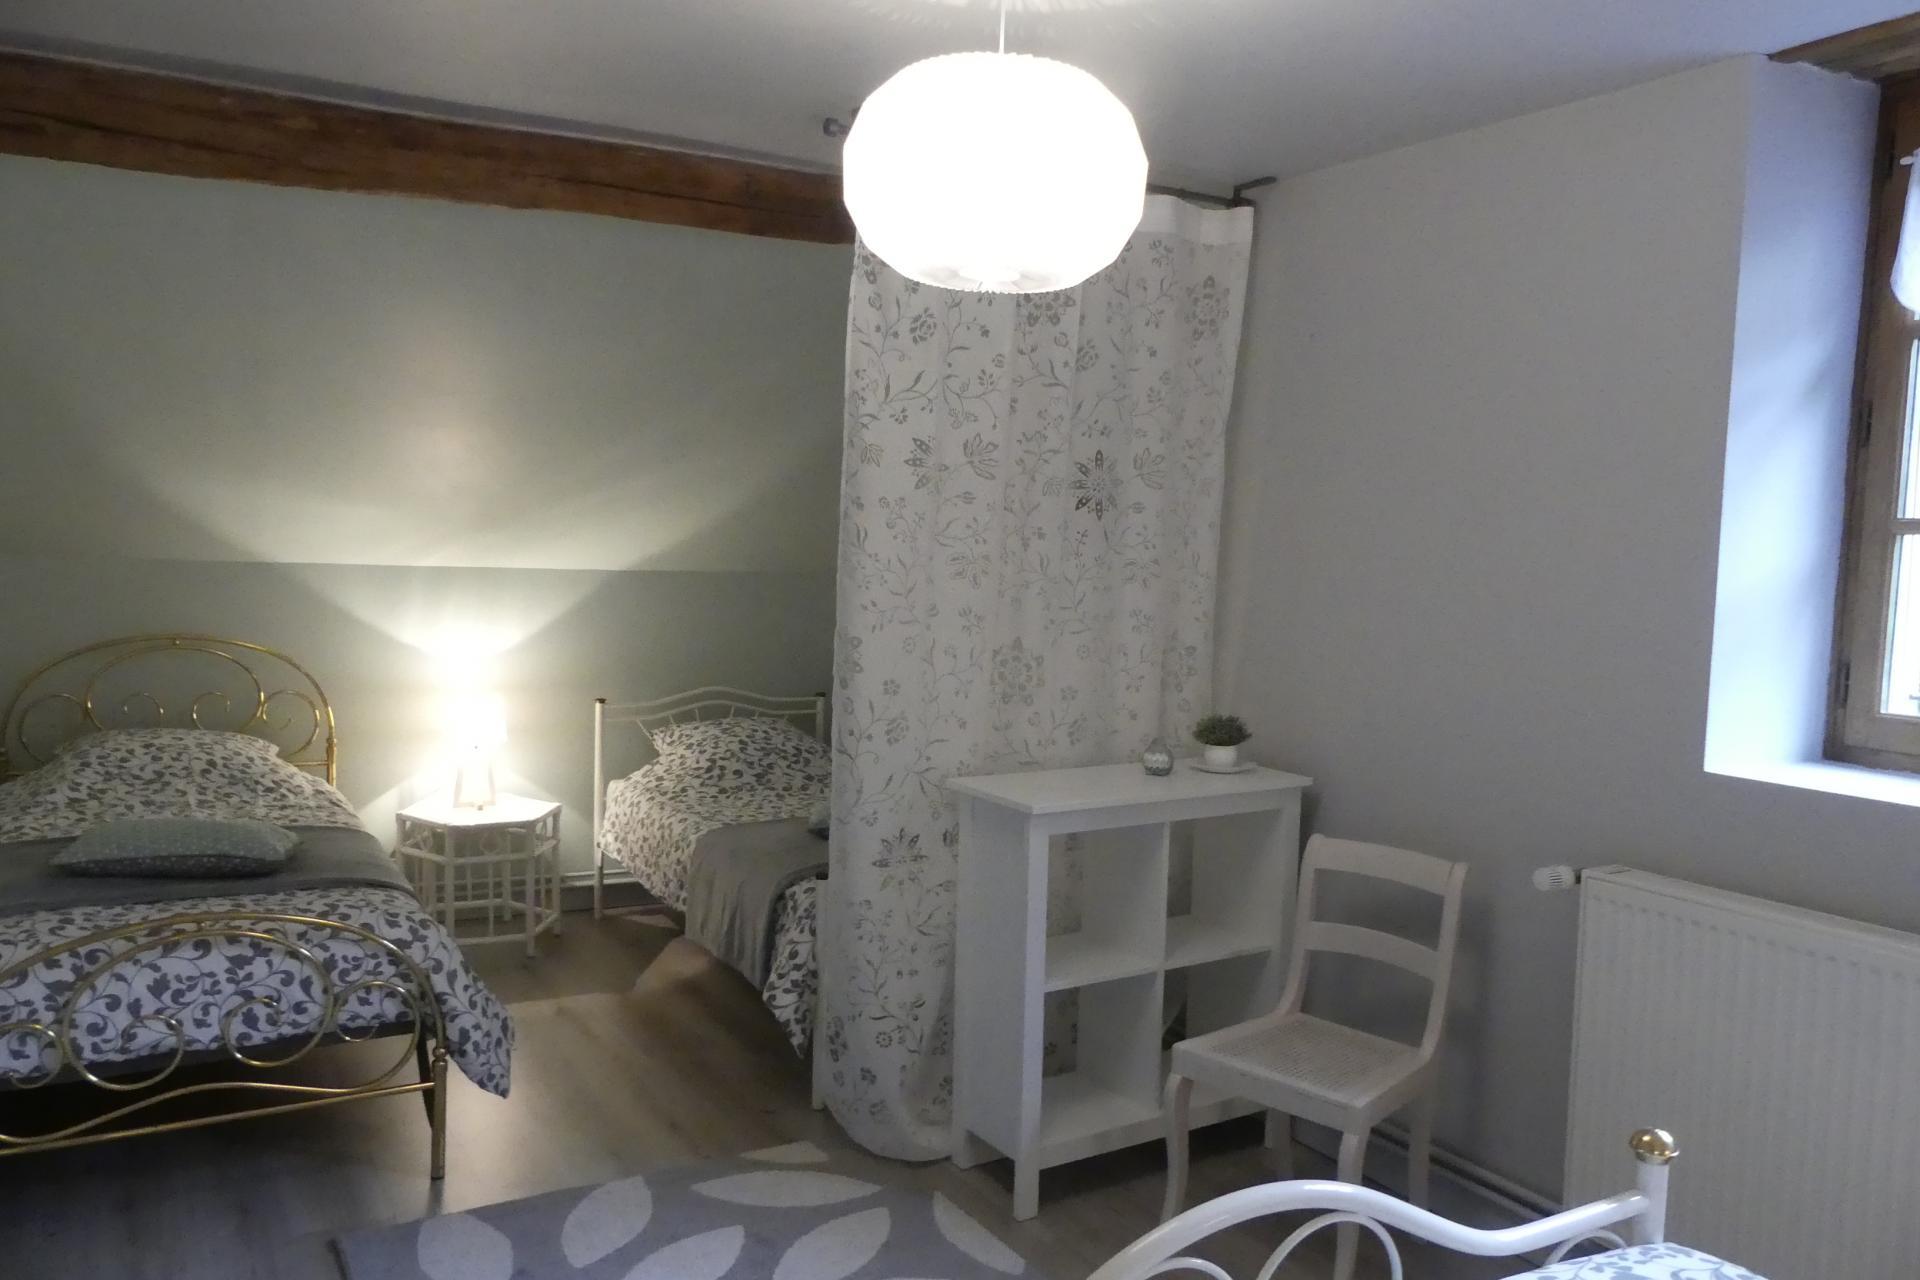 Aperçu de l'espace lits simples de la grande chambre